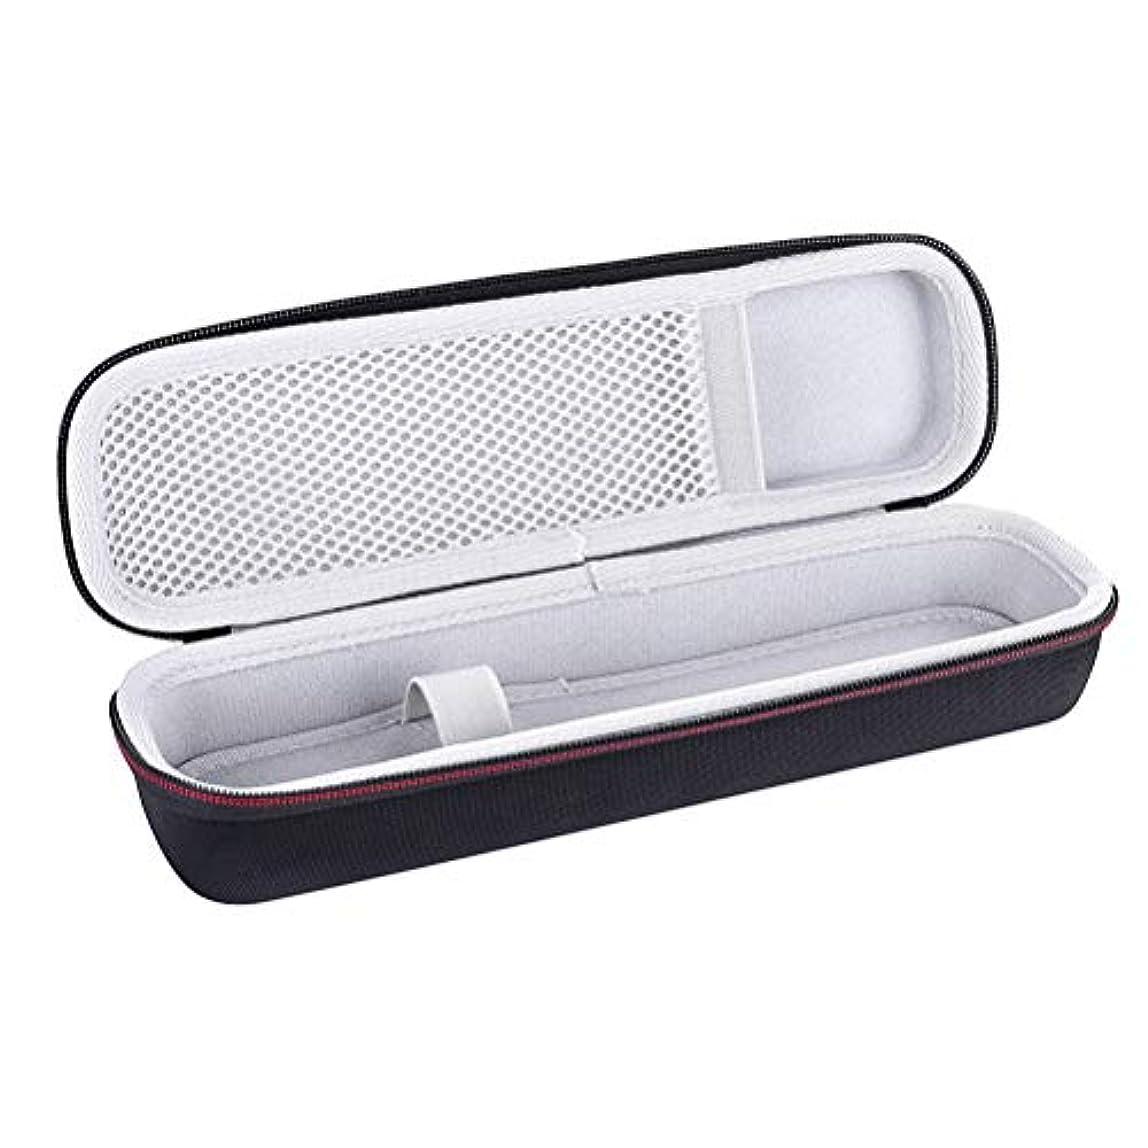 オフセット告発者エンドウHealifty 電動歯ブラシケースポータブル圧縮抵抗保護歯ブラシ収納ケース屋外旅行用